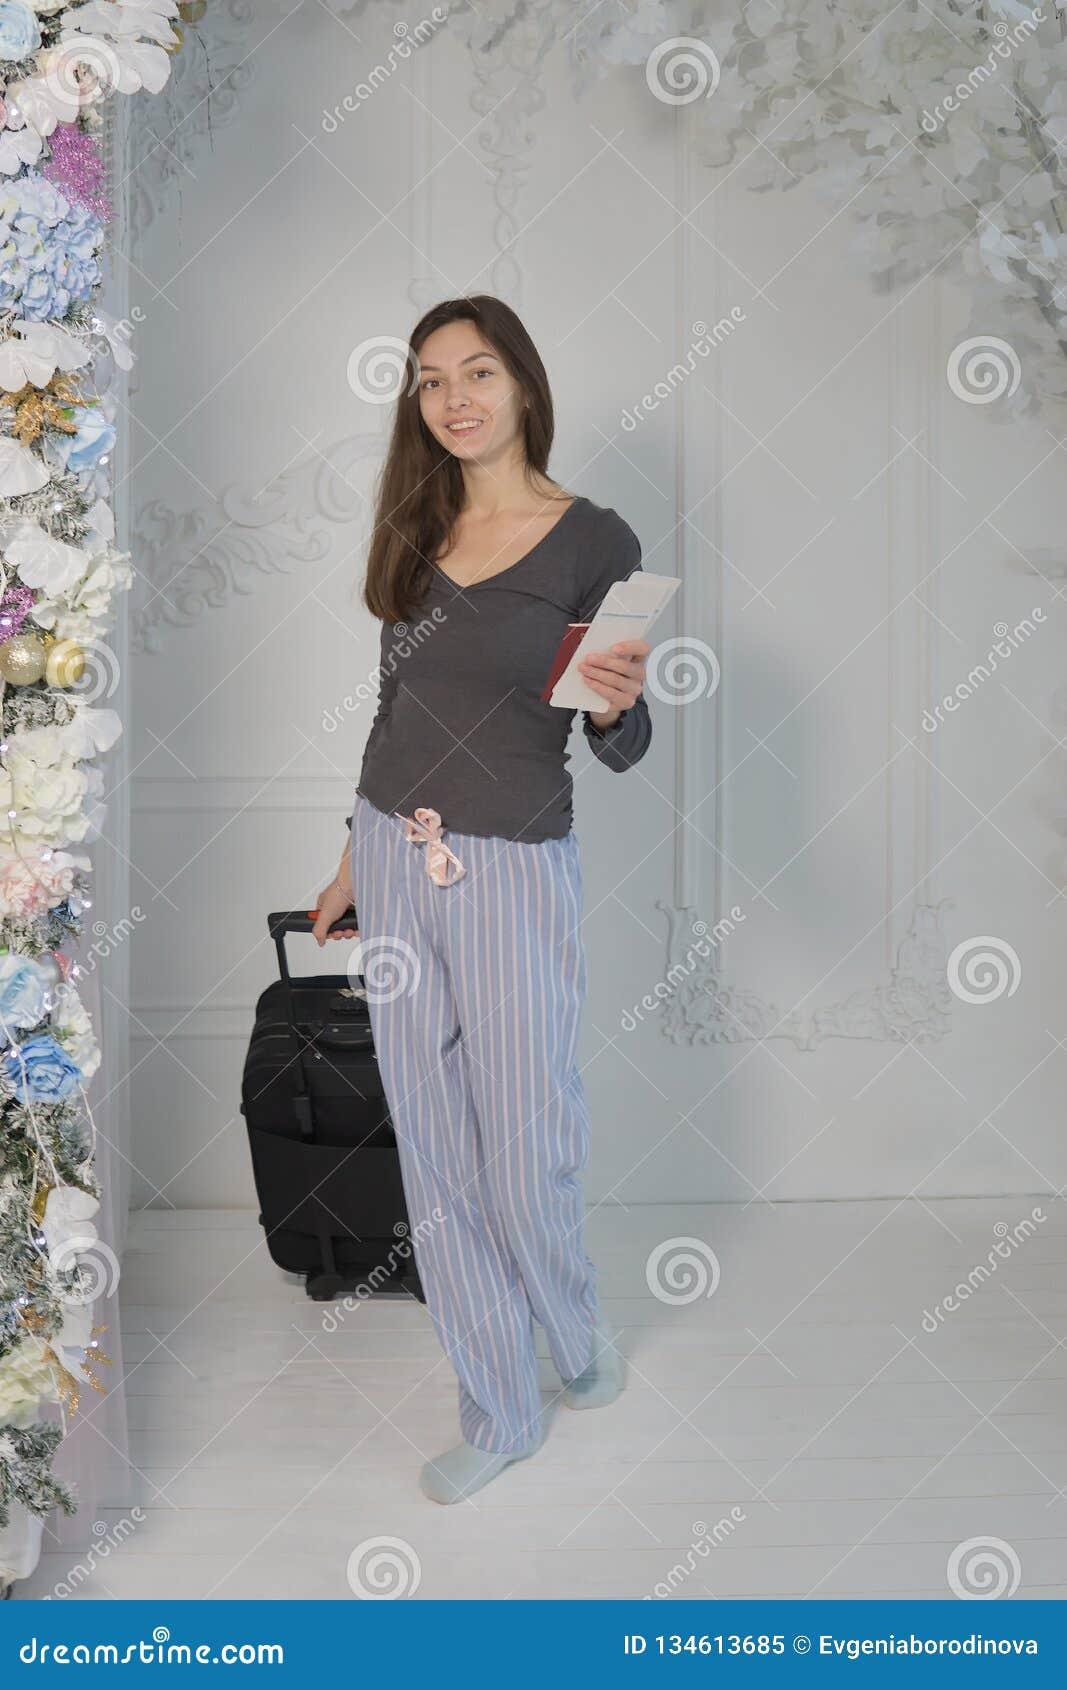 Маленькая девочка в коричневой куртке с билетами и паспорте в ее руках смотрит камеру, усмехается, носится чемодан